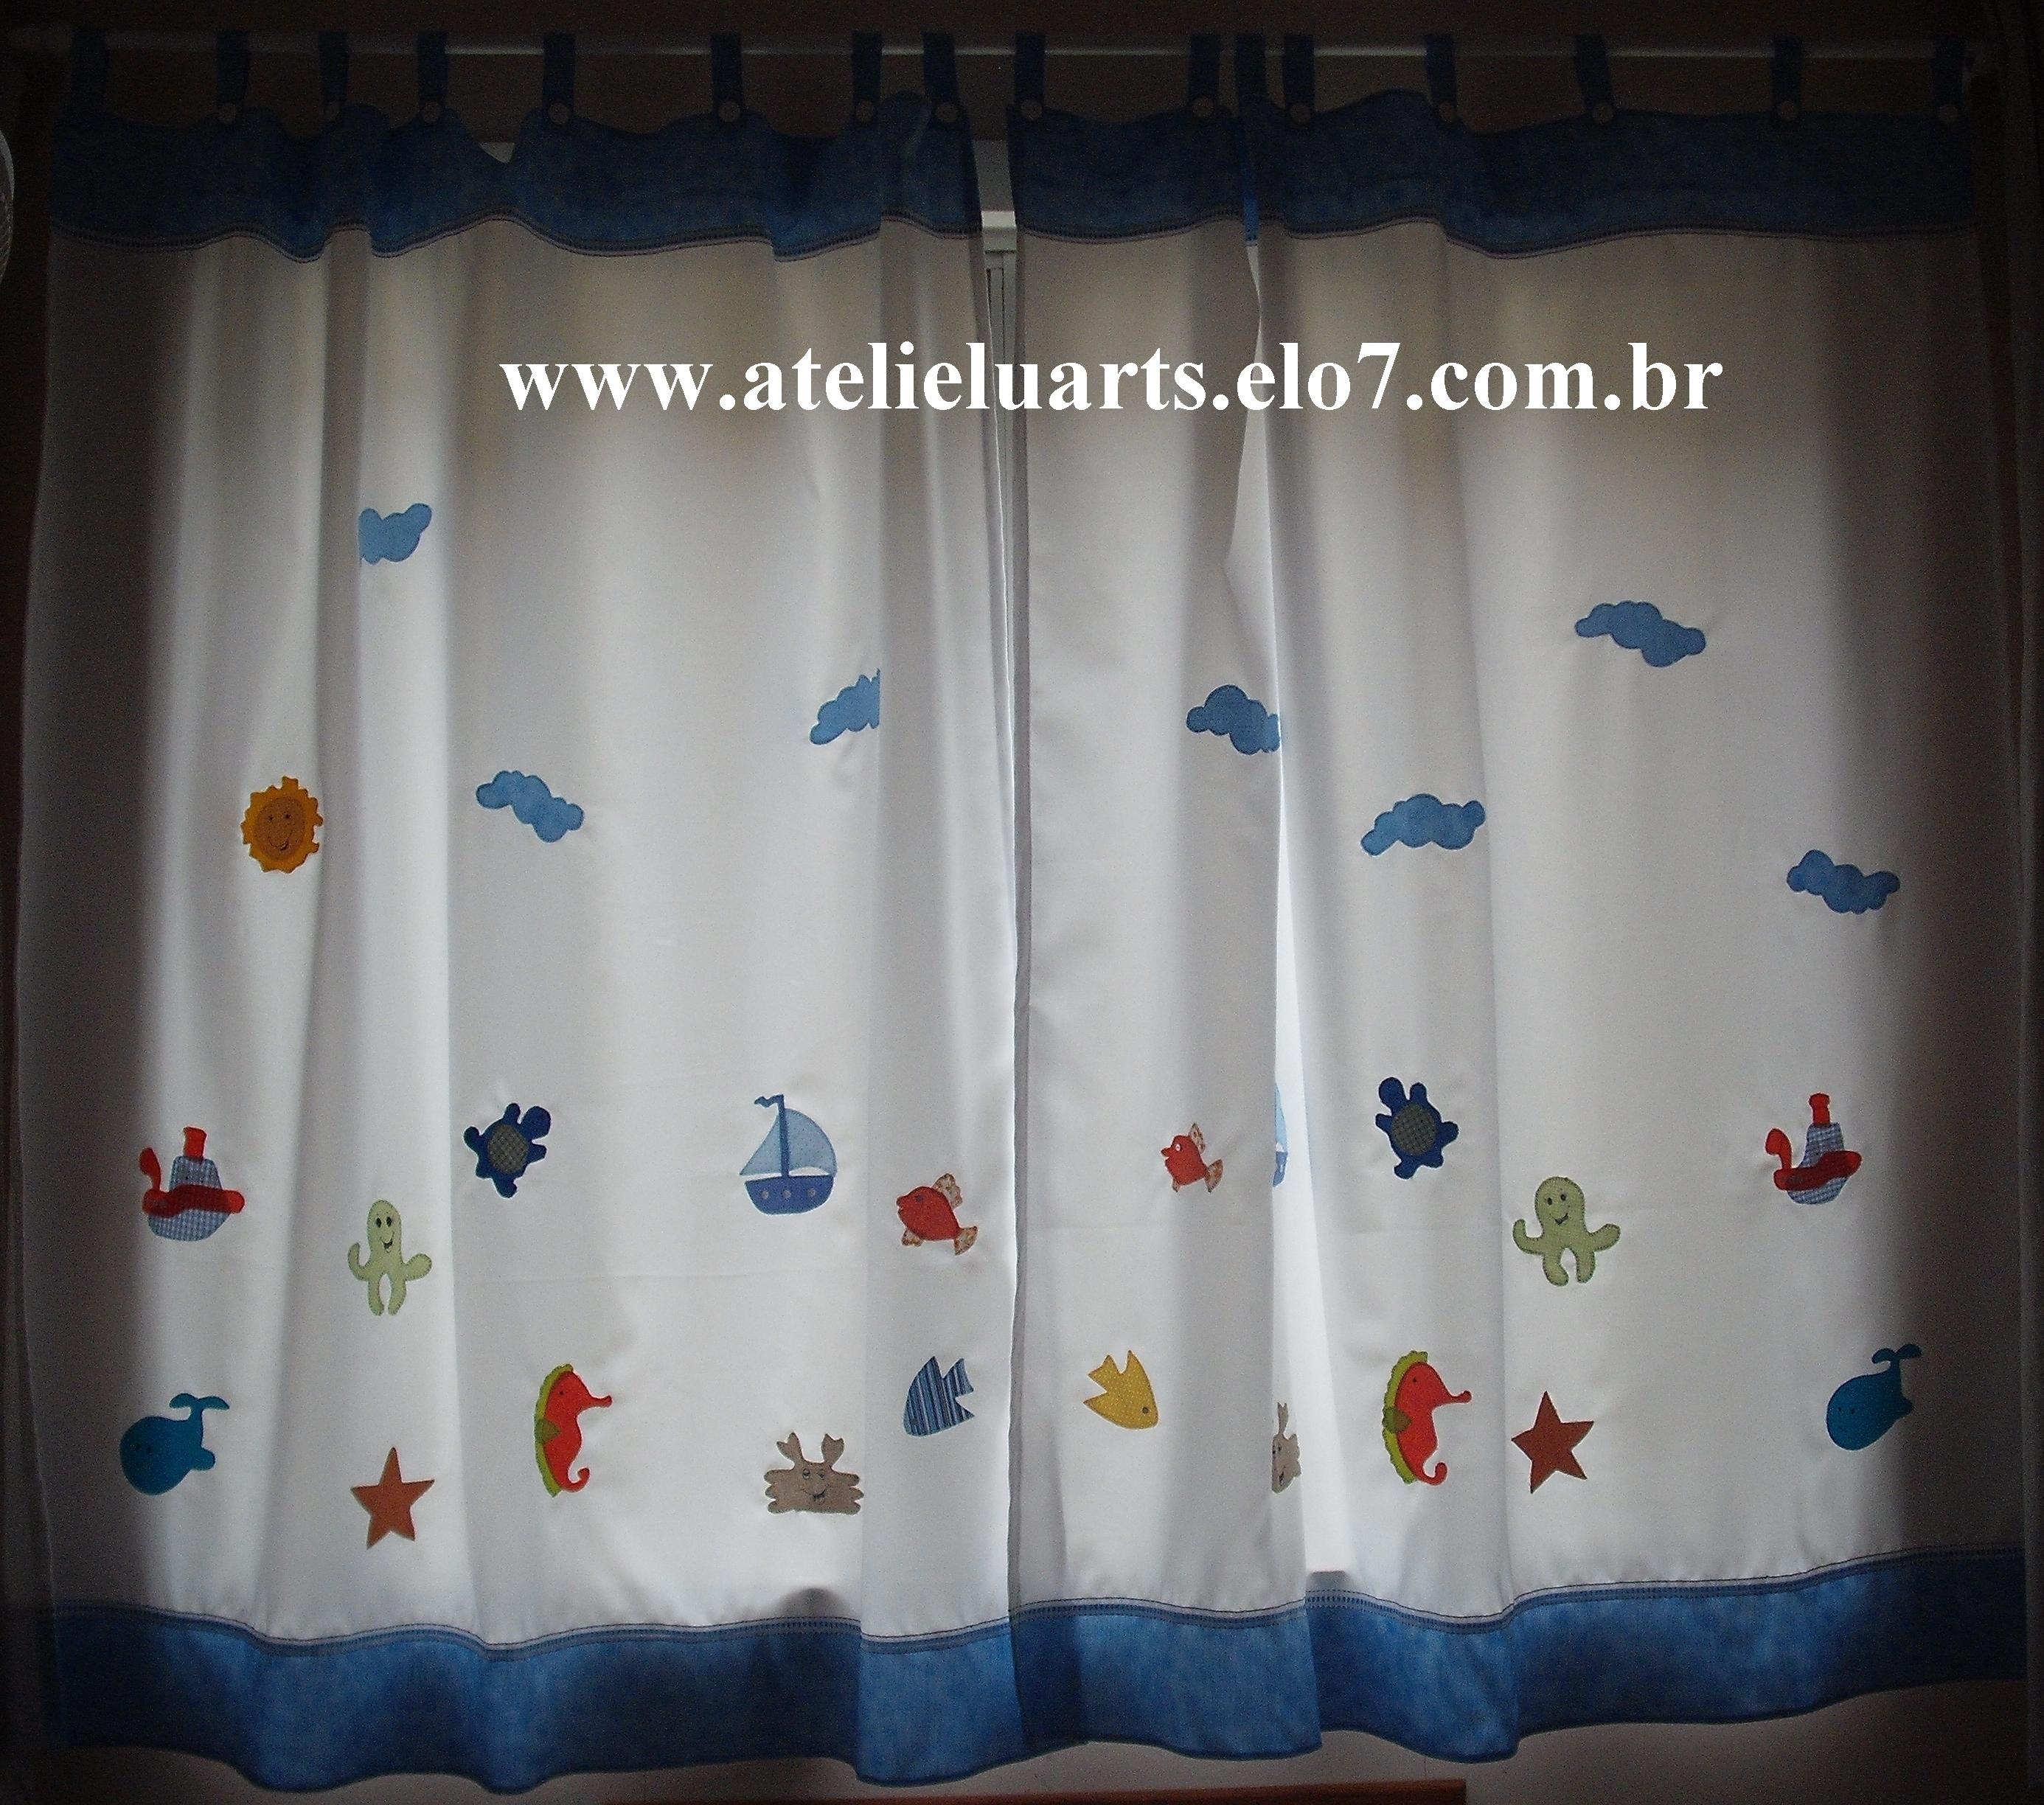 Cortina para quarto infantil ateli luarts elo7 - Apliques para cortinas ...